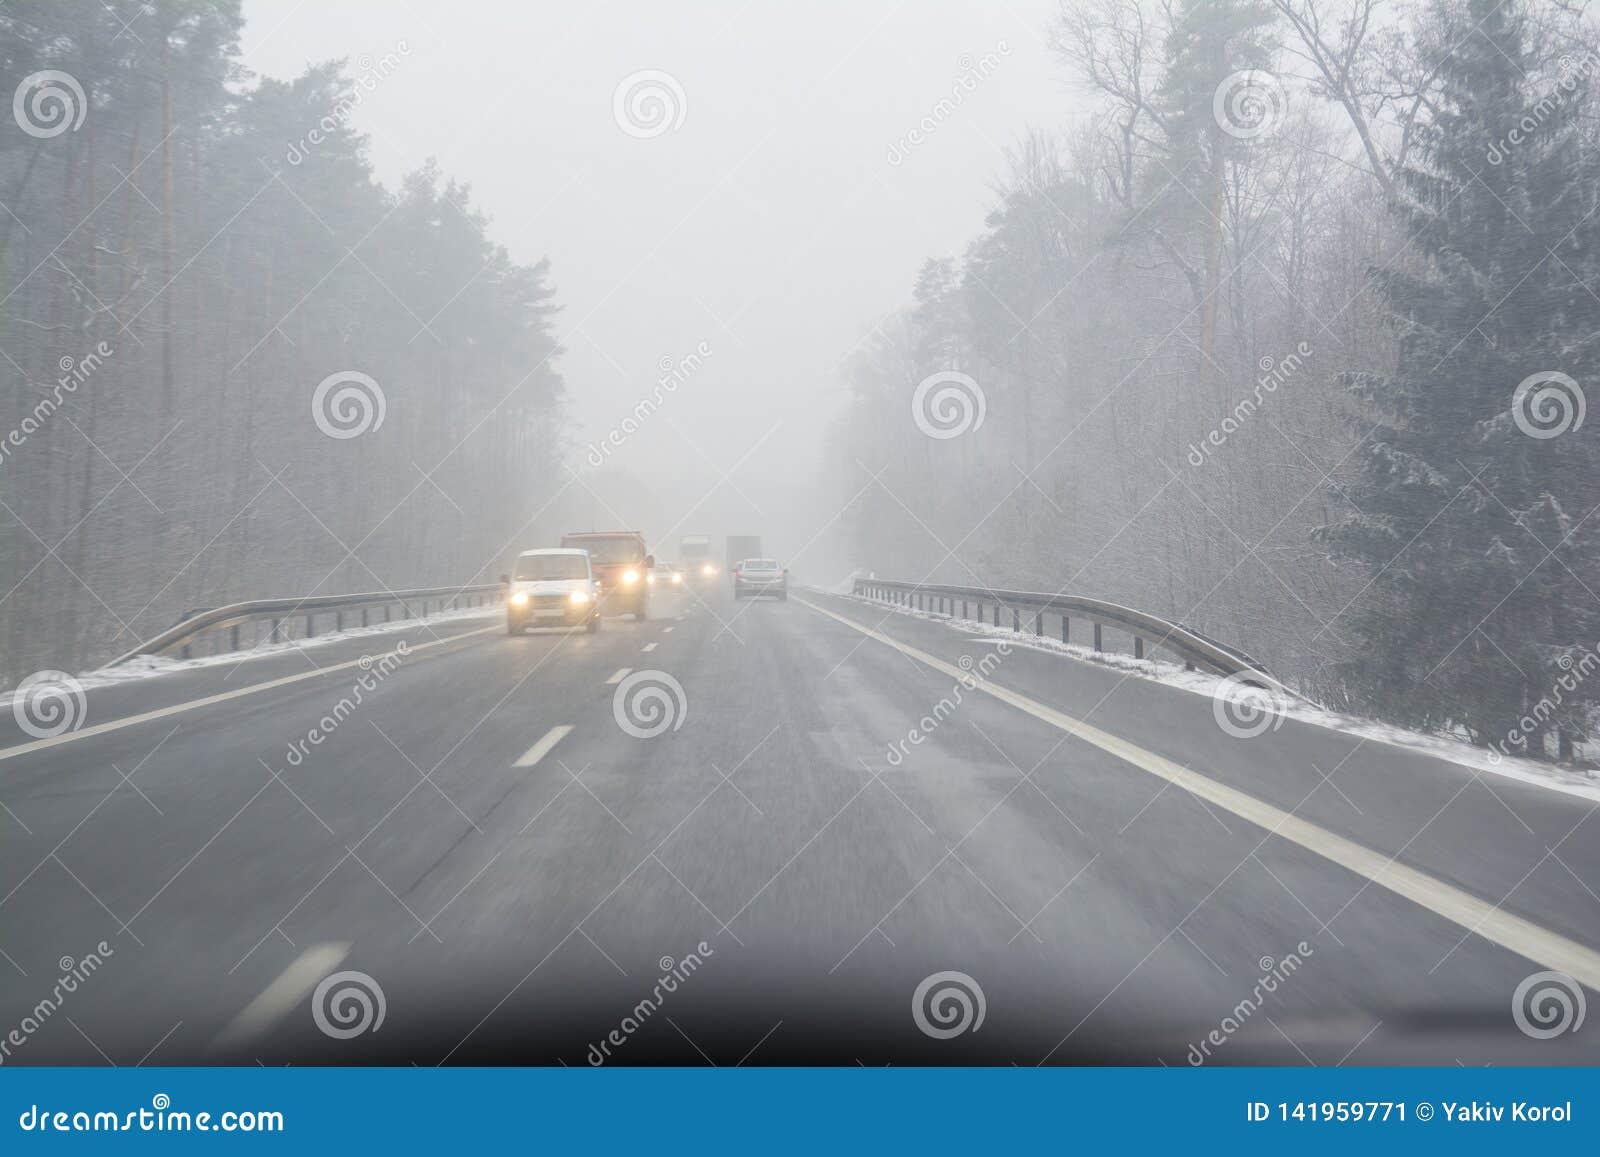 Sneeuwstorm op openbare wegen eerste-persoonsmening, de bestuurder van de auto op de snow-covered weg Naaldbos aan beide kanten v